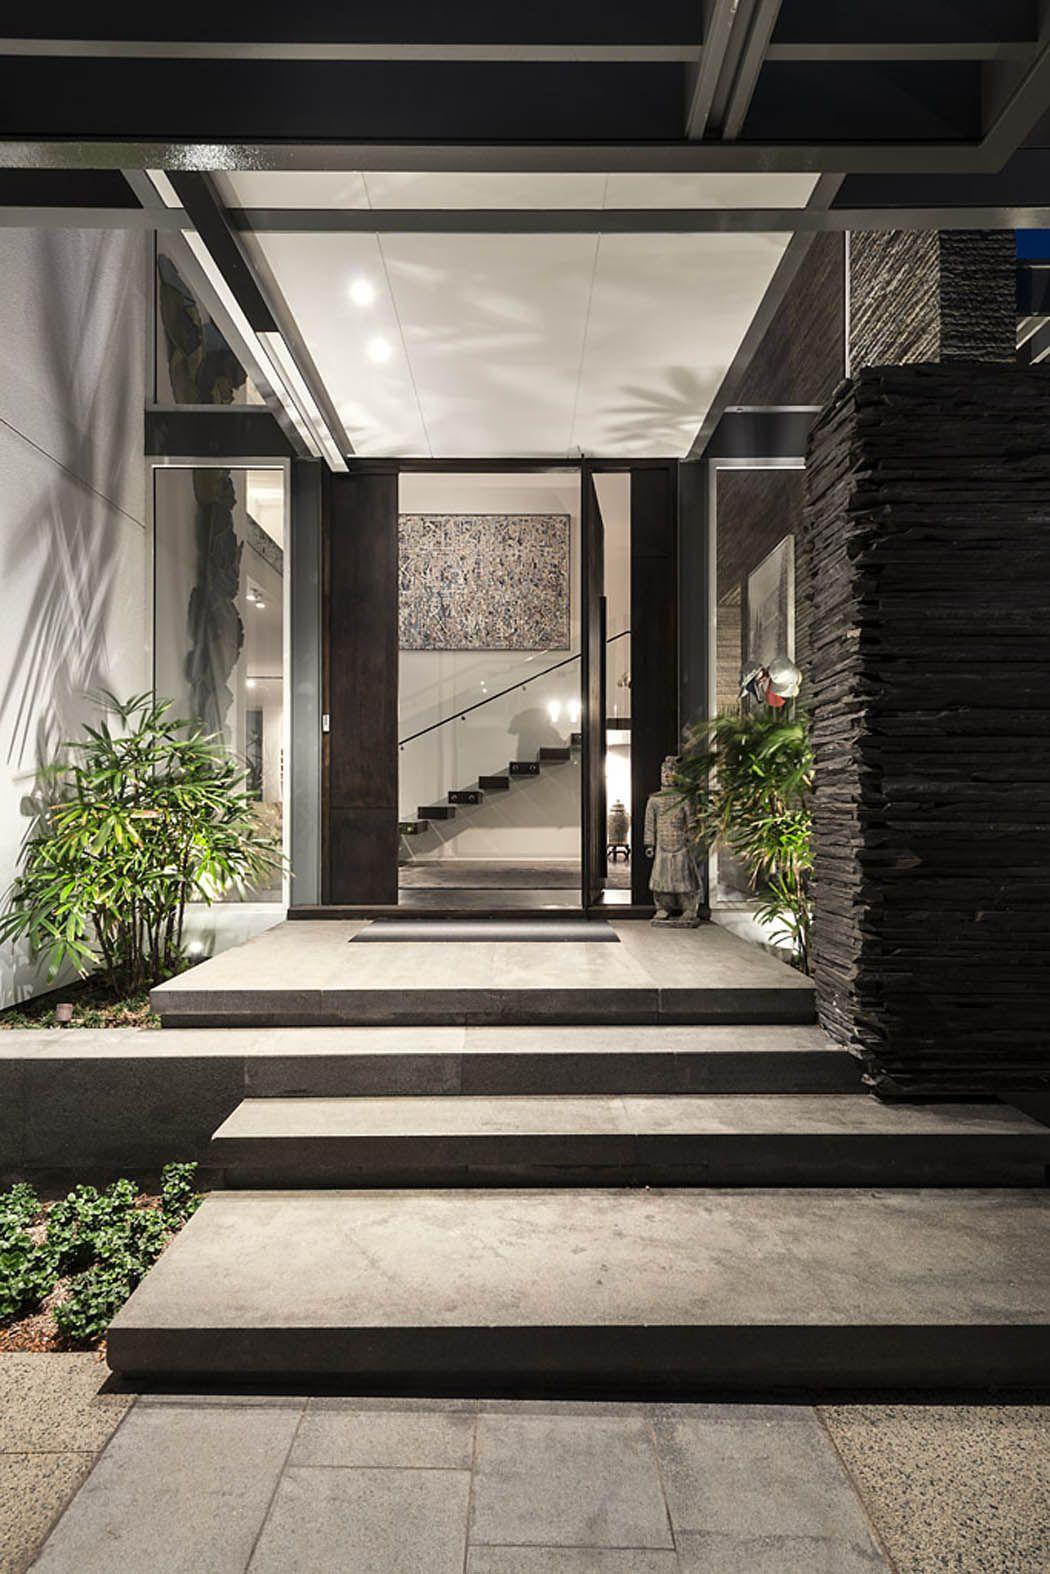 Entrée Moderne Maison avec entrée moderne maison | entrée de maison | pinterest | architekten